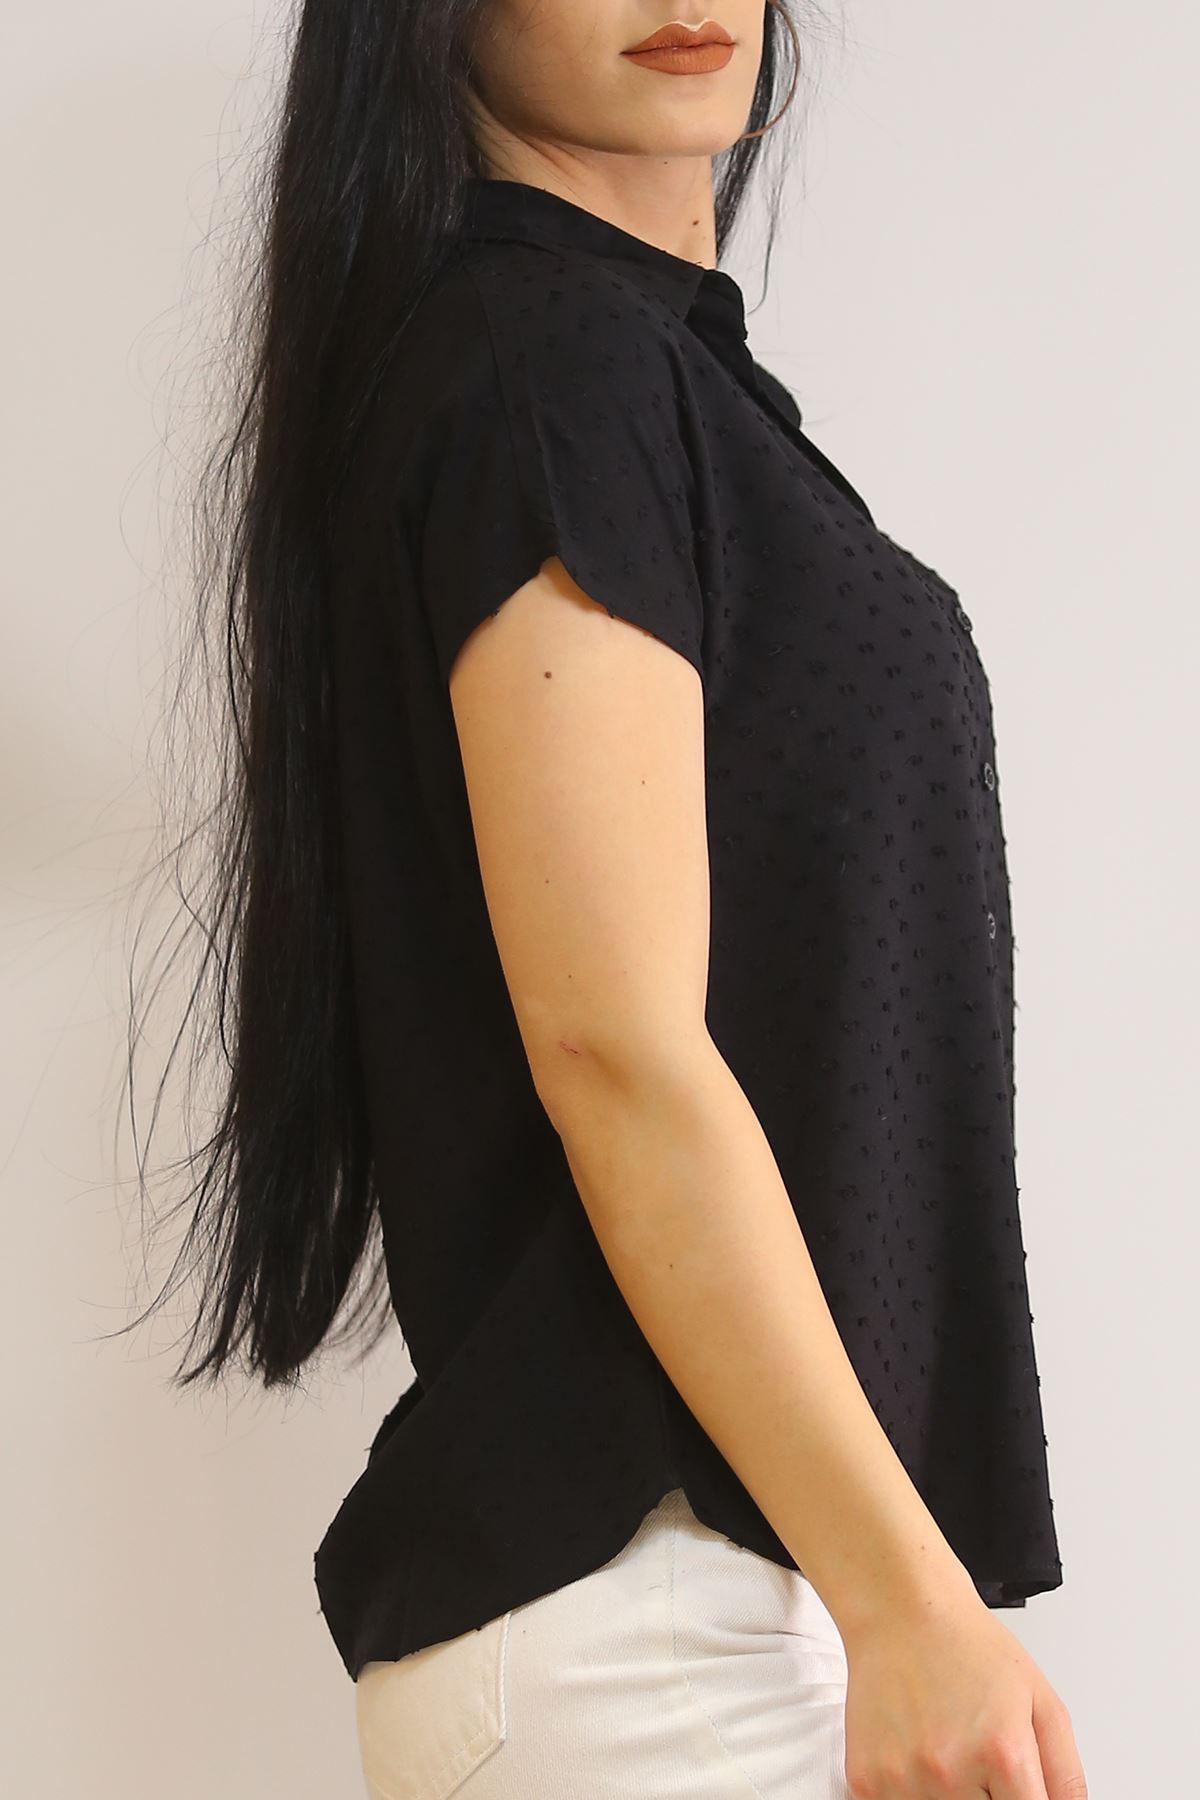 Yarasa Kol Gömlek Siyah - 1546.1095.